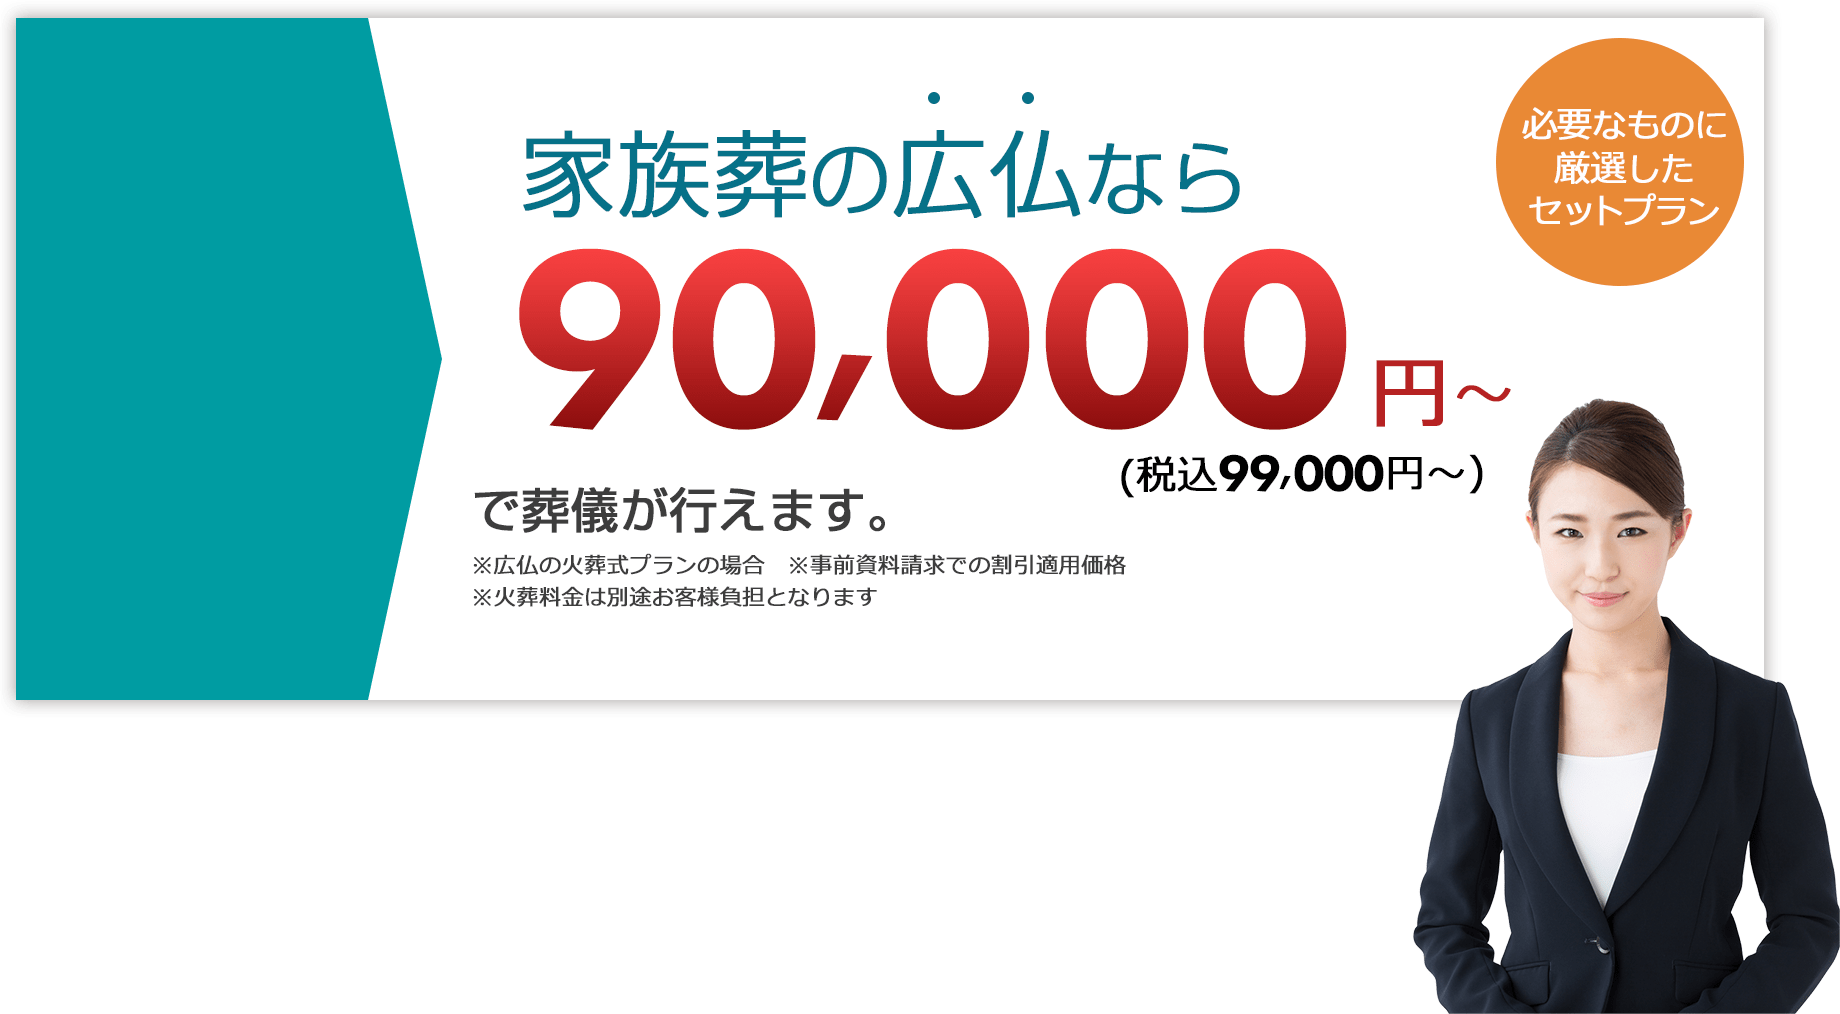 広島市で葬儀・家族葬をお探しですか?広仏なら15万円(16.5万円)~で葬儀が行えます。